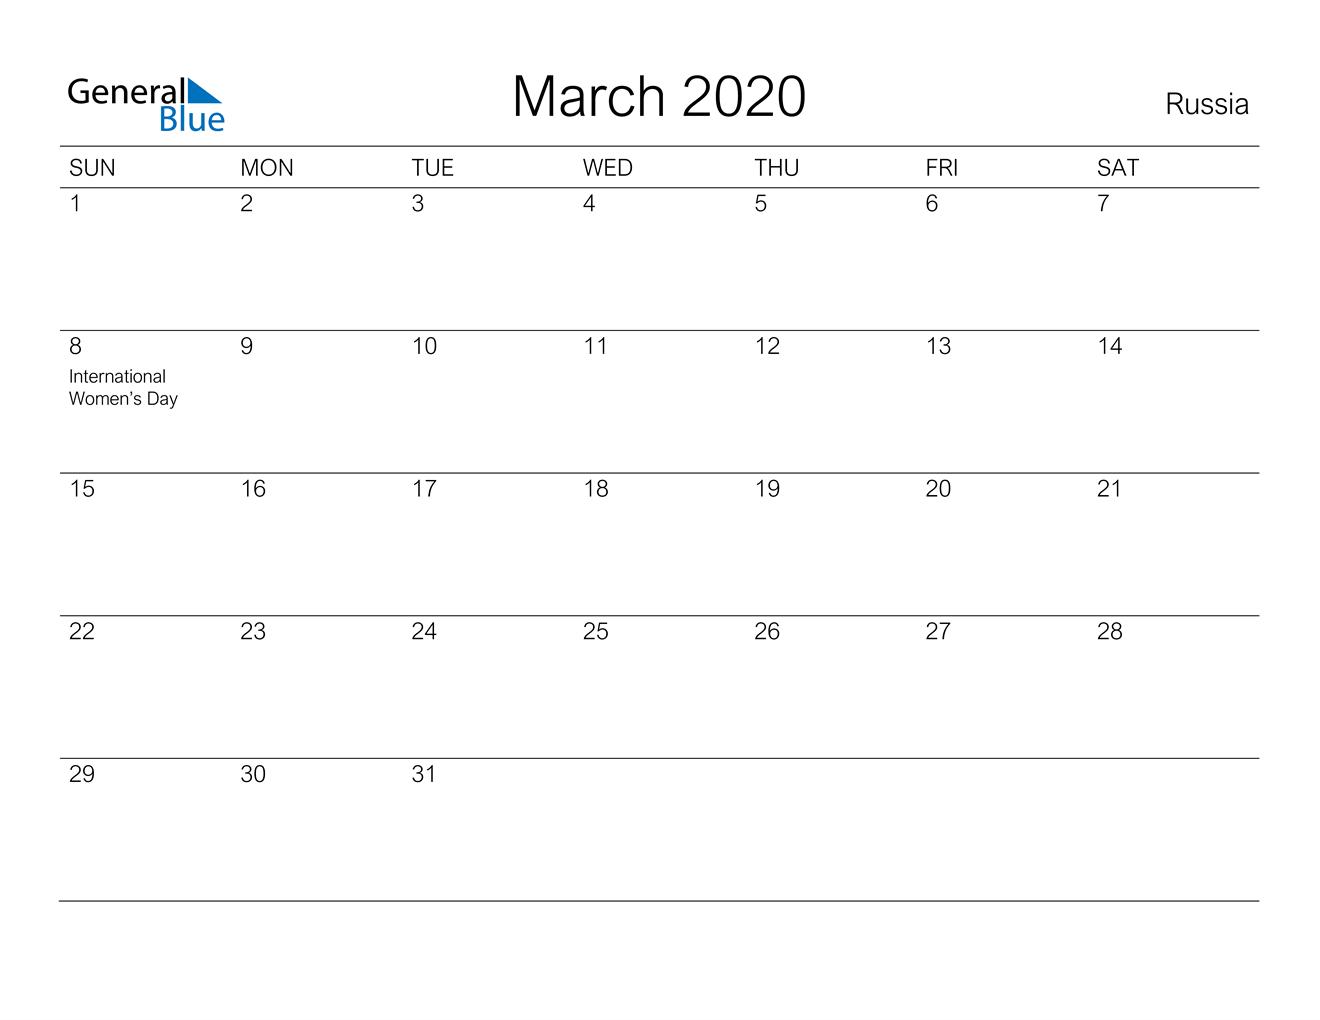 March 2020 Calendar - Russia